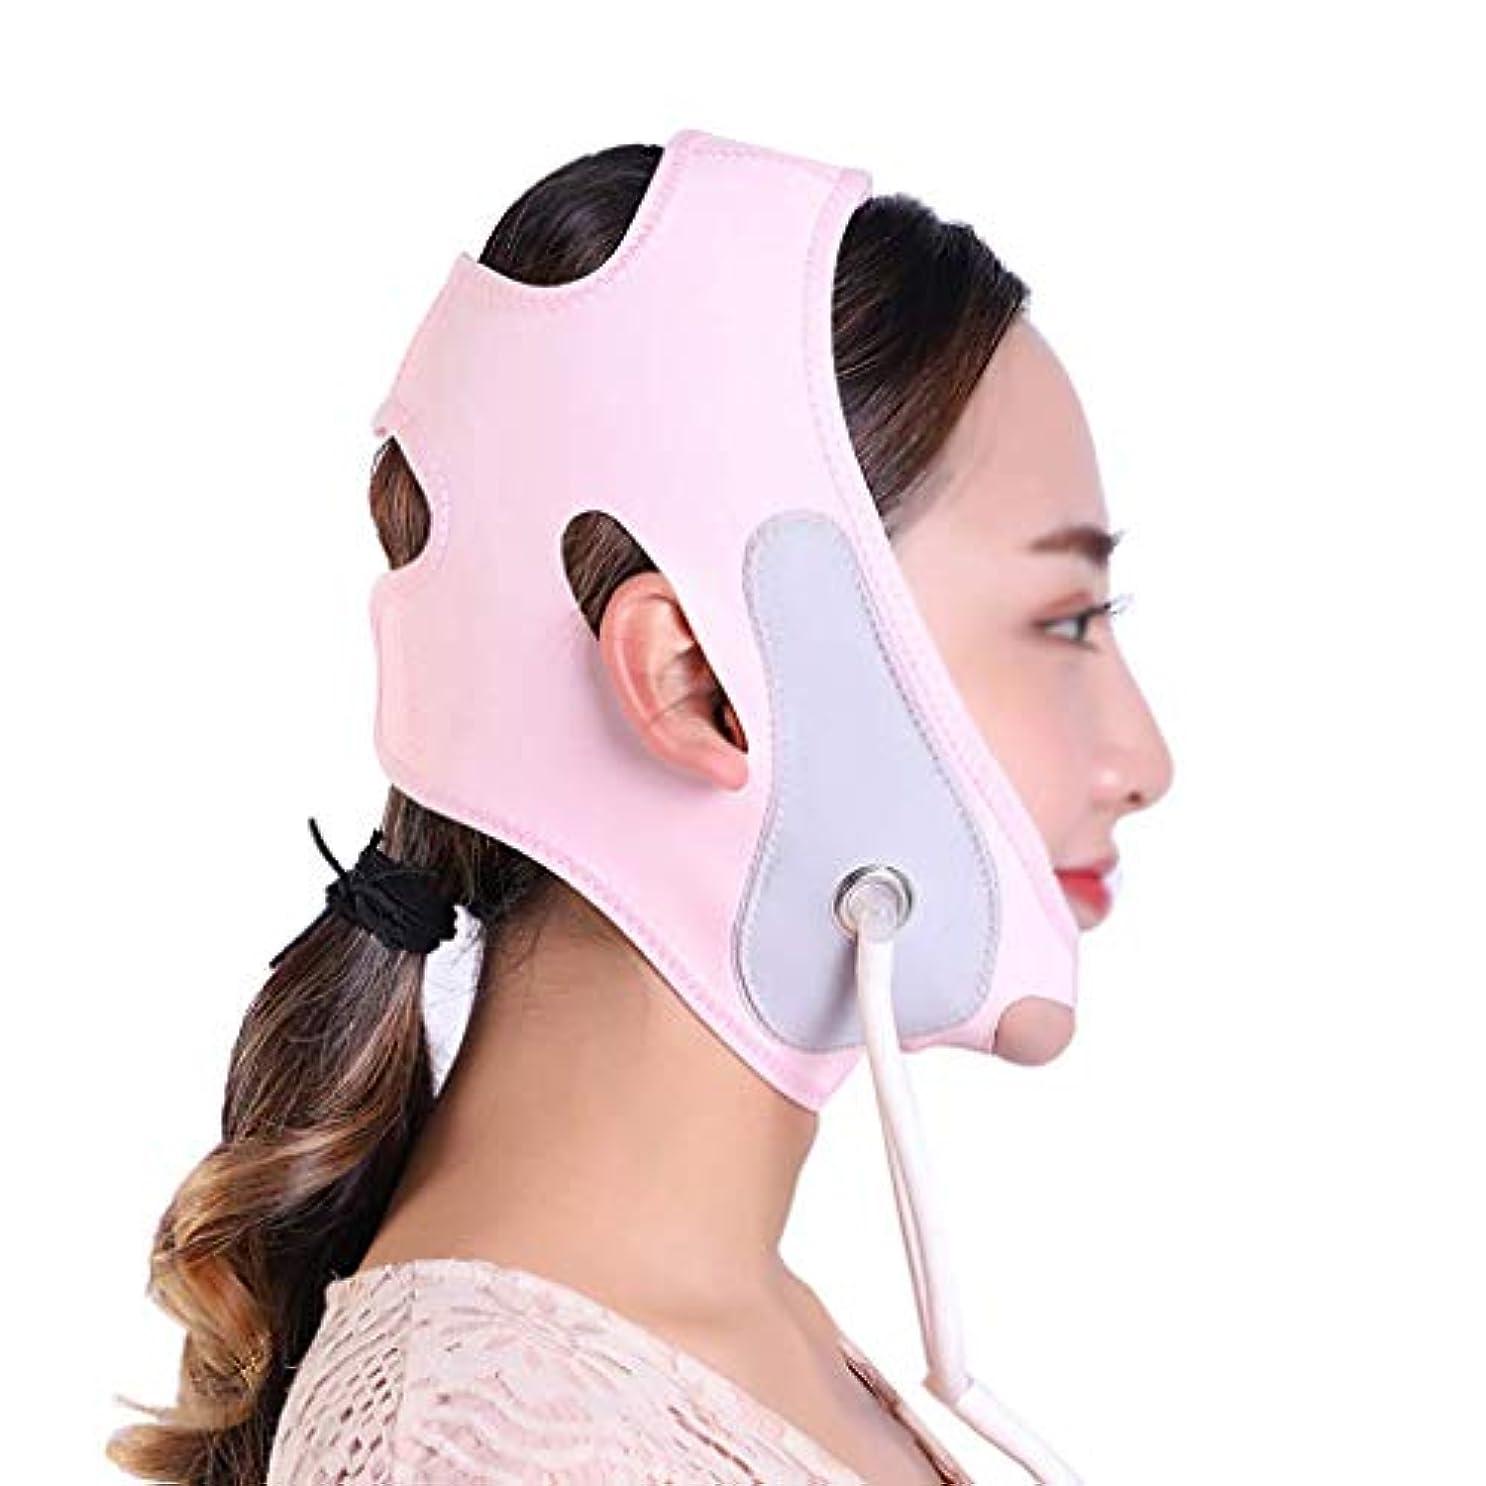 役に立たない牛肉トリップ顔と首のリフト後伸縮性スリーブシンフェイスマスク引き締め肌の改善マッサージリフティング収縮シンフェイス弾性包帯Vフェイスアーティファクト